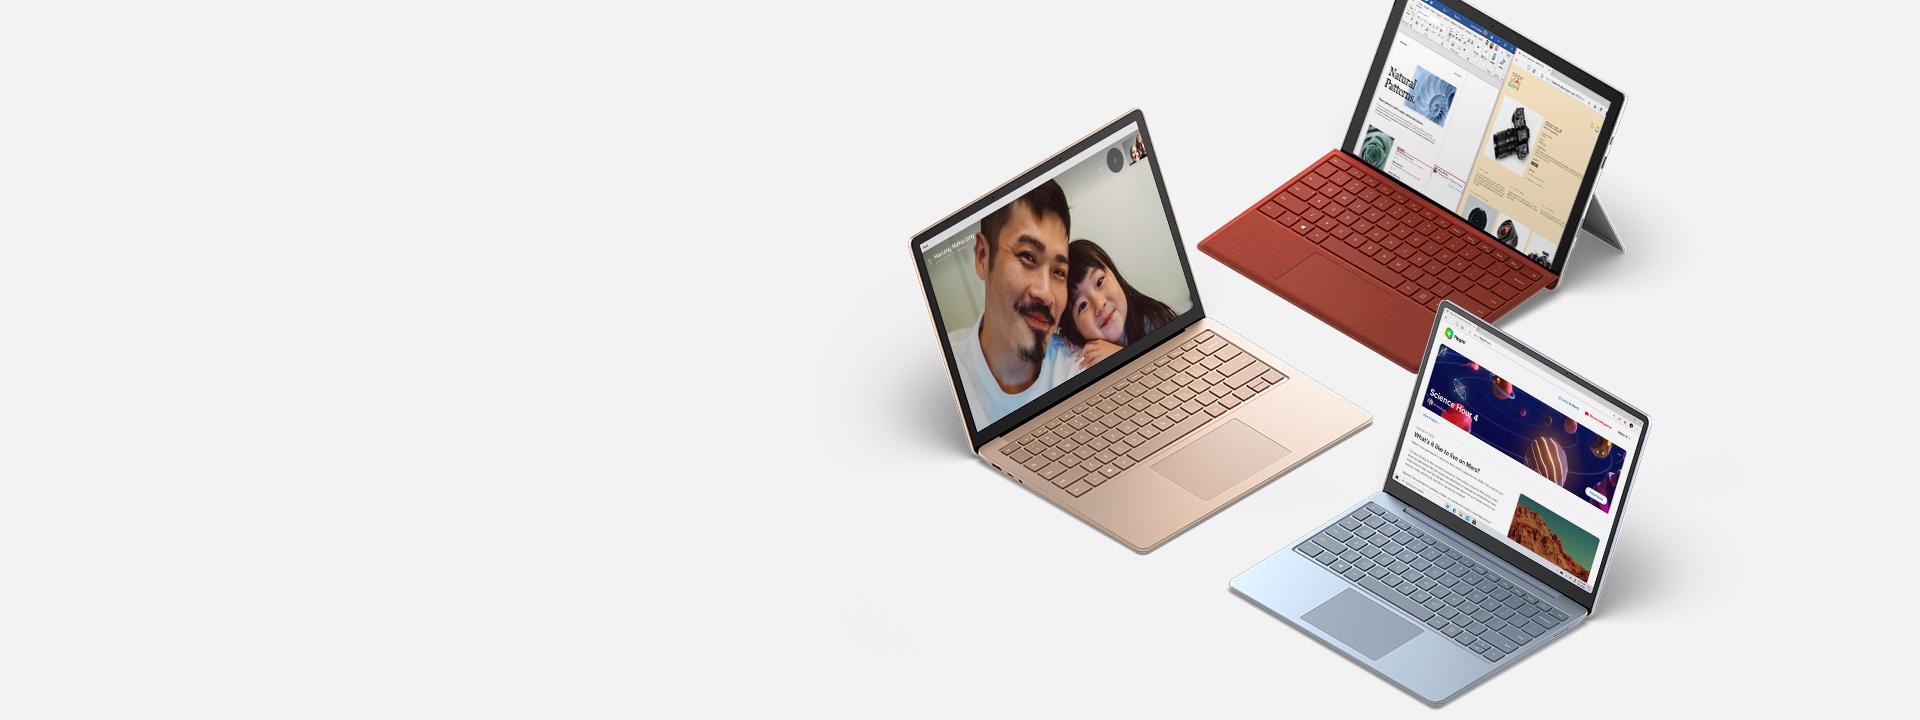 屏幕上顯示各種應用程序的 Surface Laptop、Surface Laptop Go 和 Surface Pro 7